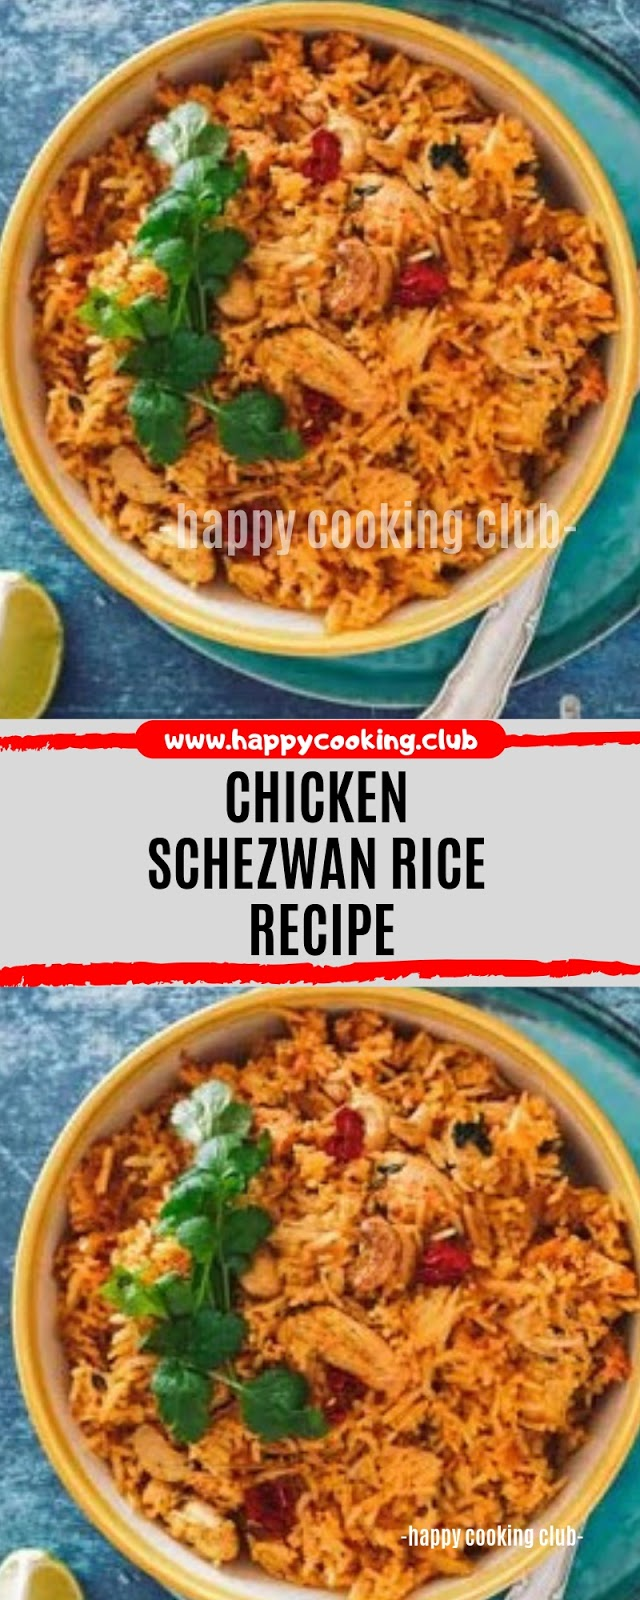 Chicken Schezwan Rice Recipe